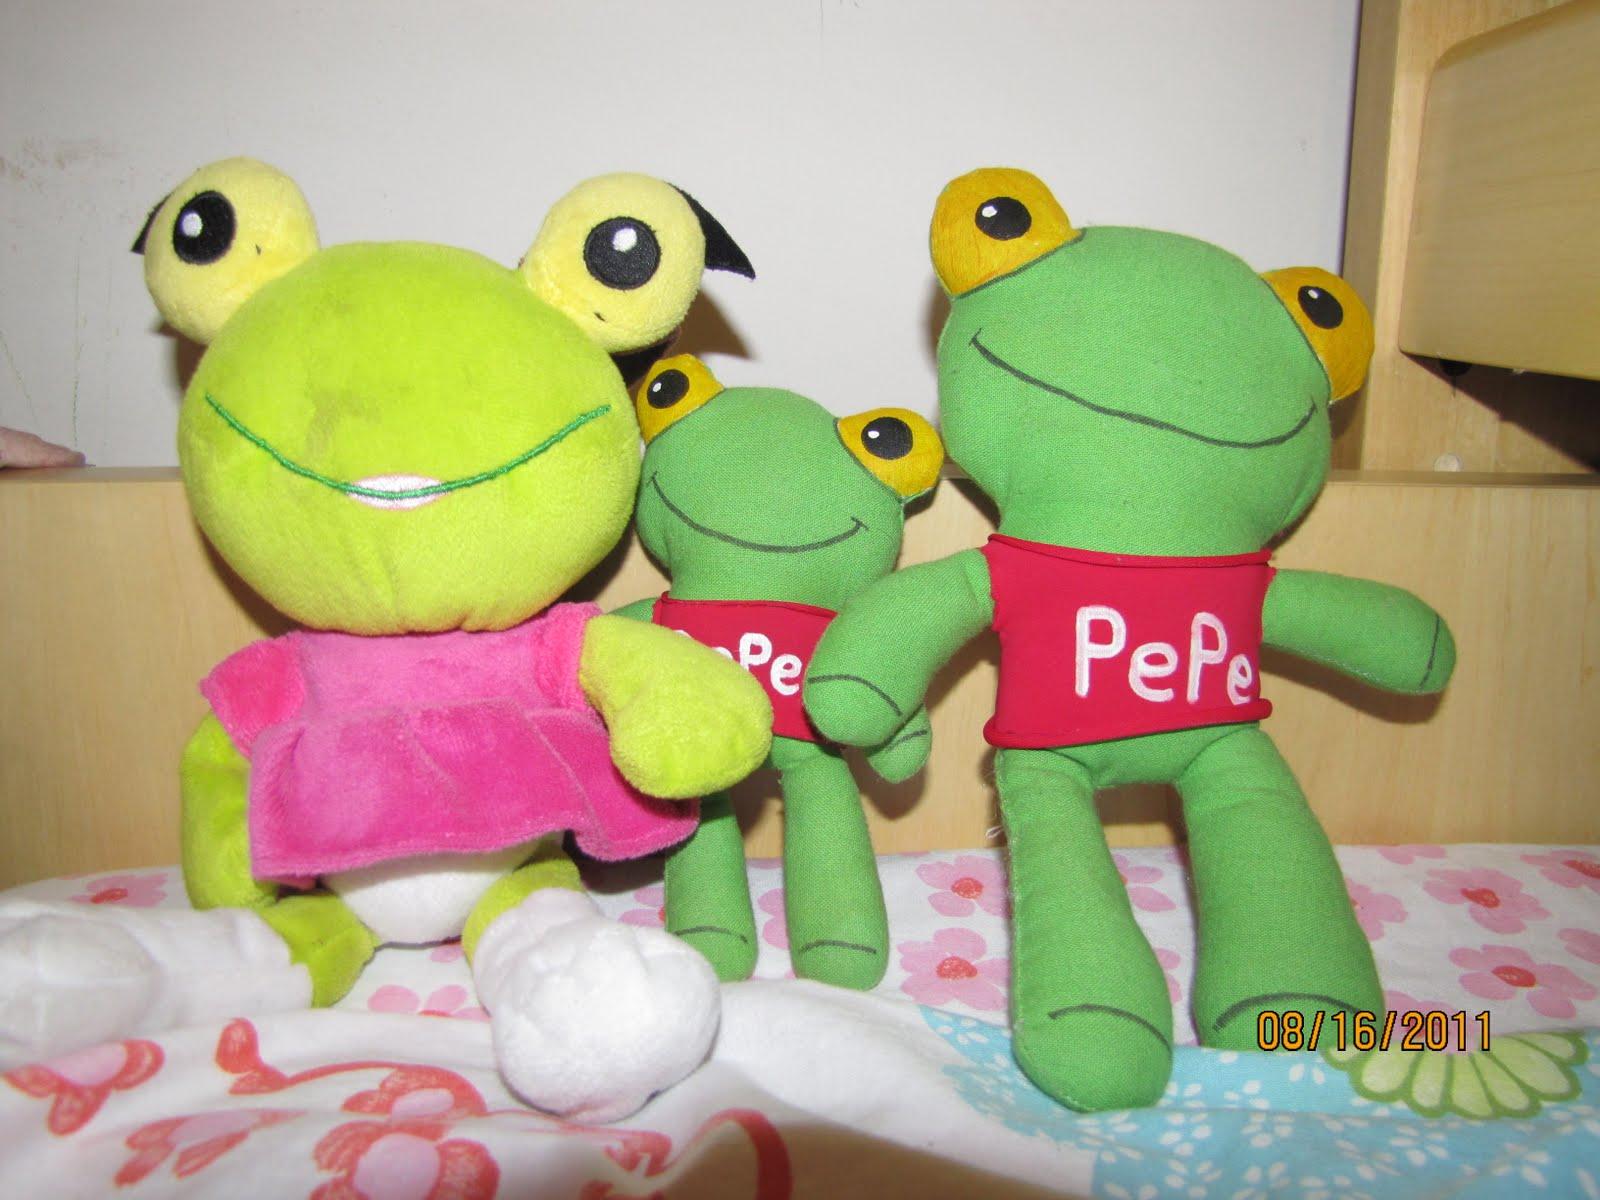 En el país del sapo Pepe Pepe un Totoro es difícil de encontrar